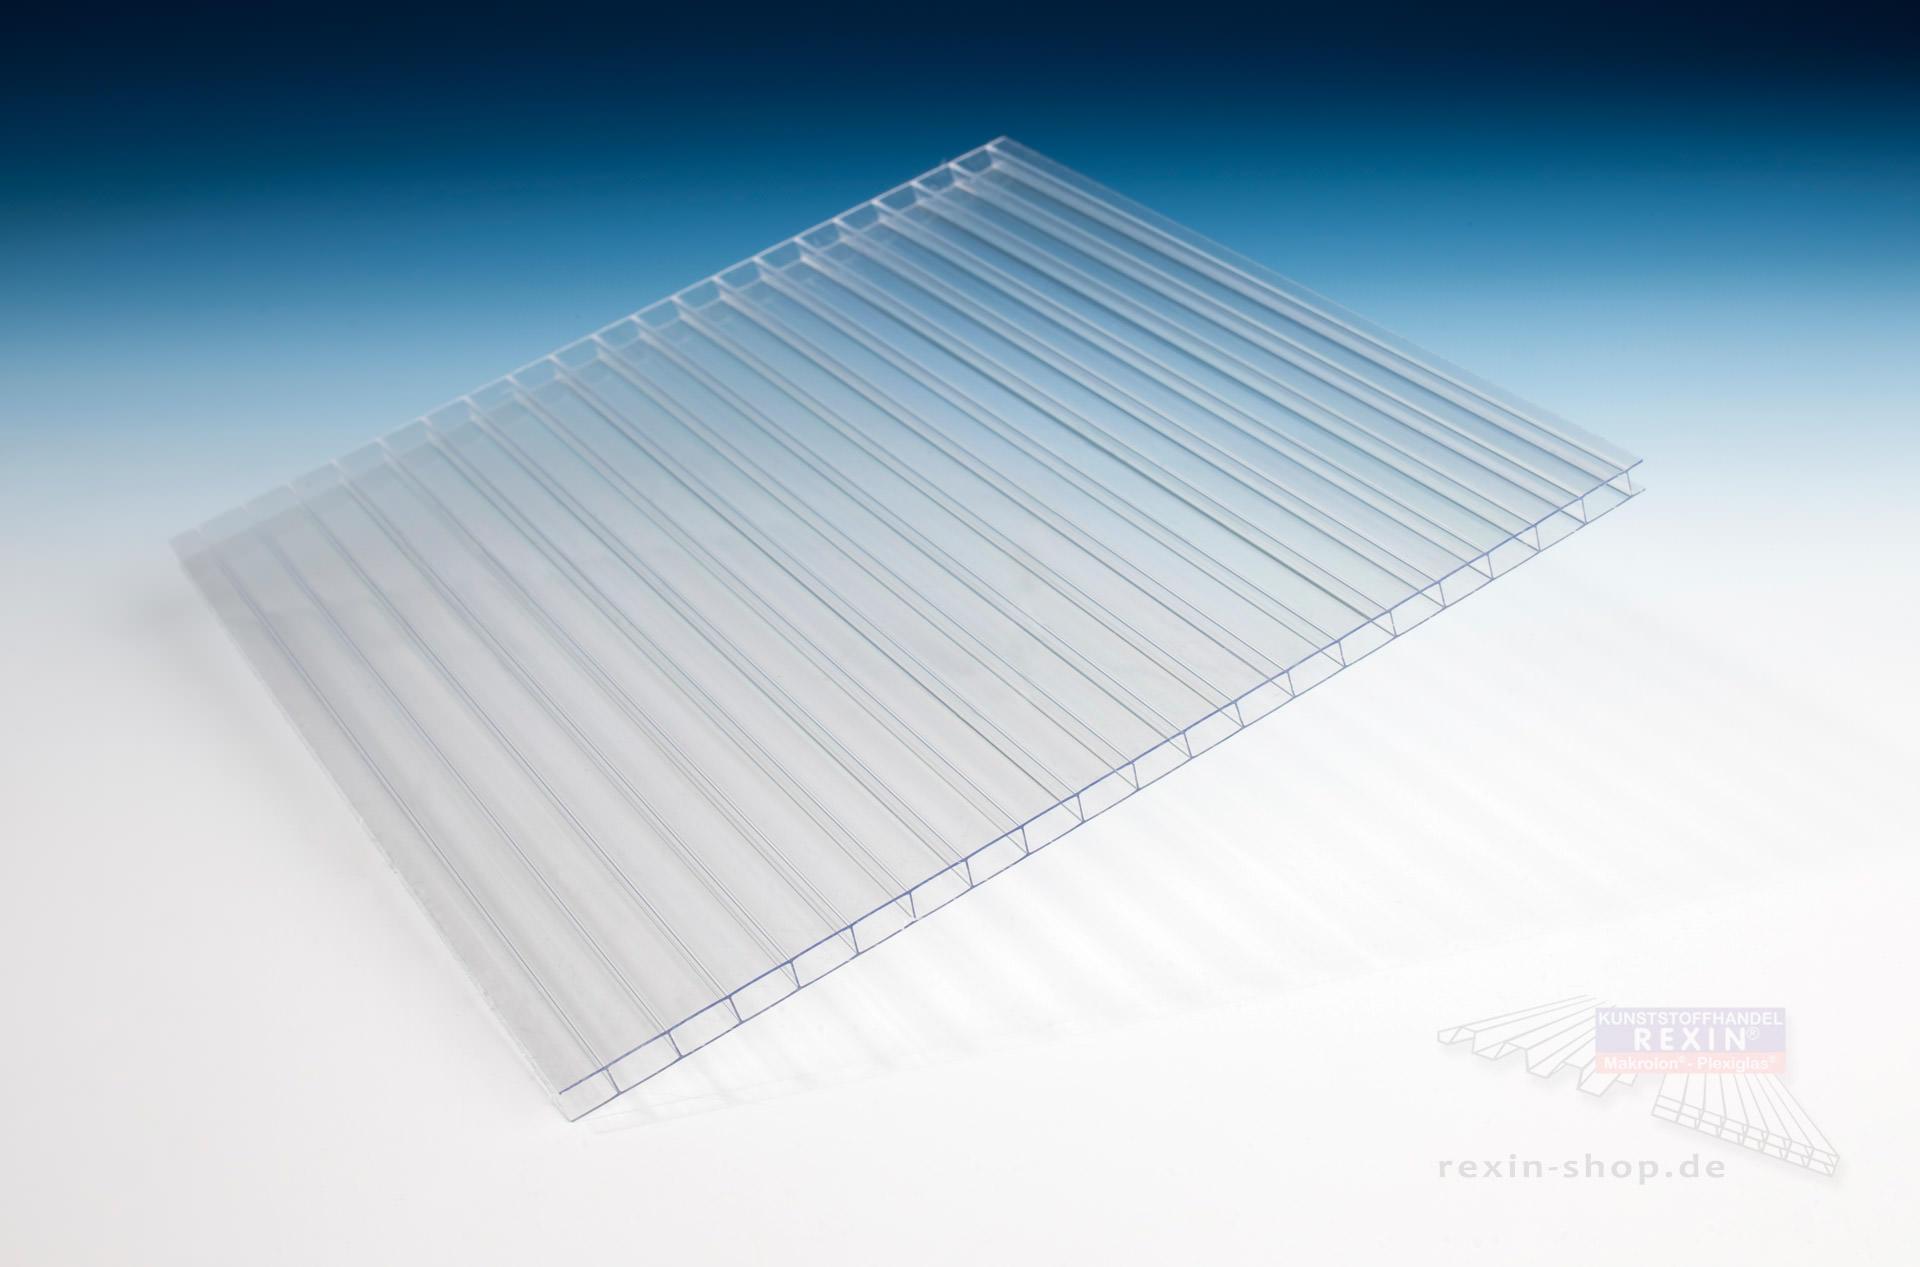 rexoclear 2 fach stegplatte 6mm transparent. Black Bedroom Furniture Sets. Home Design Ideas